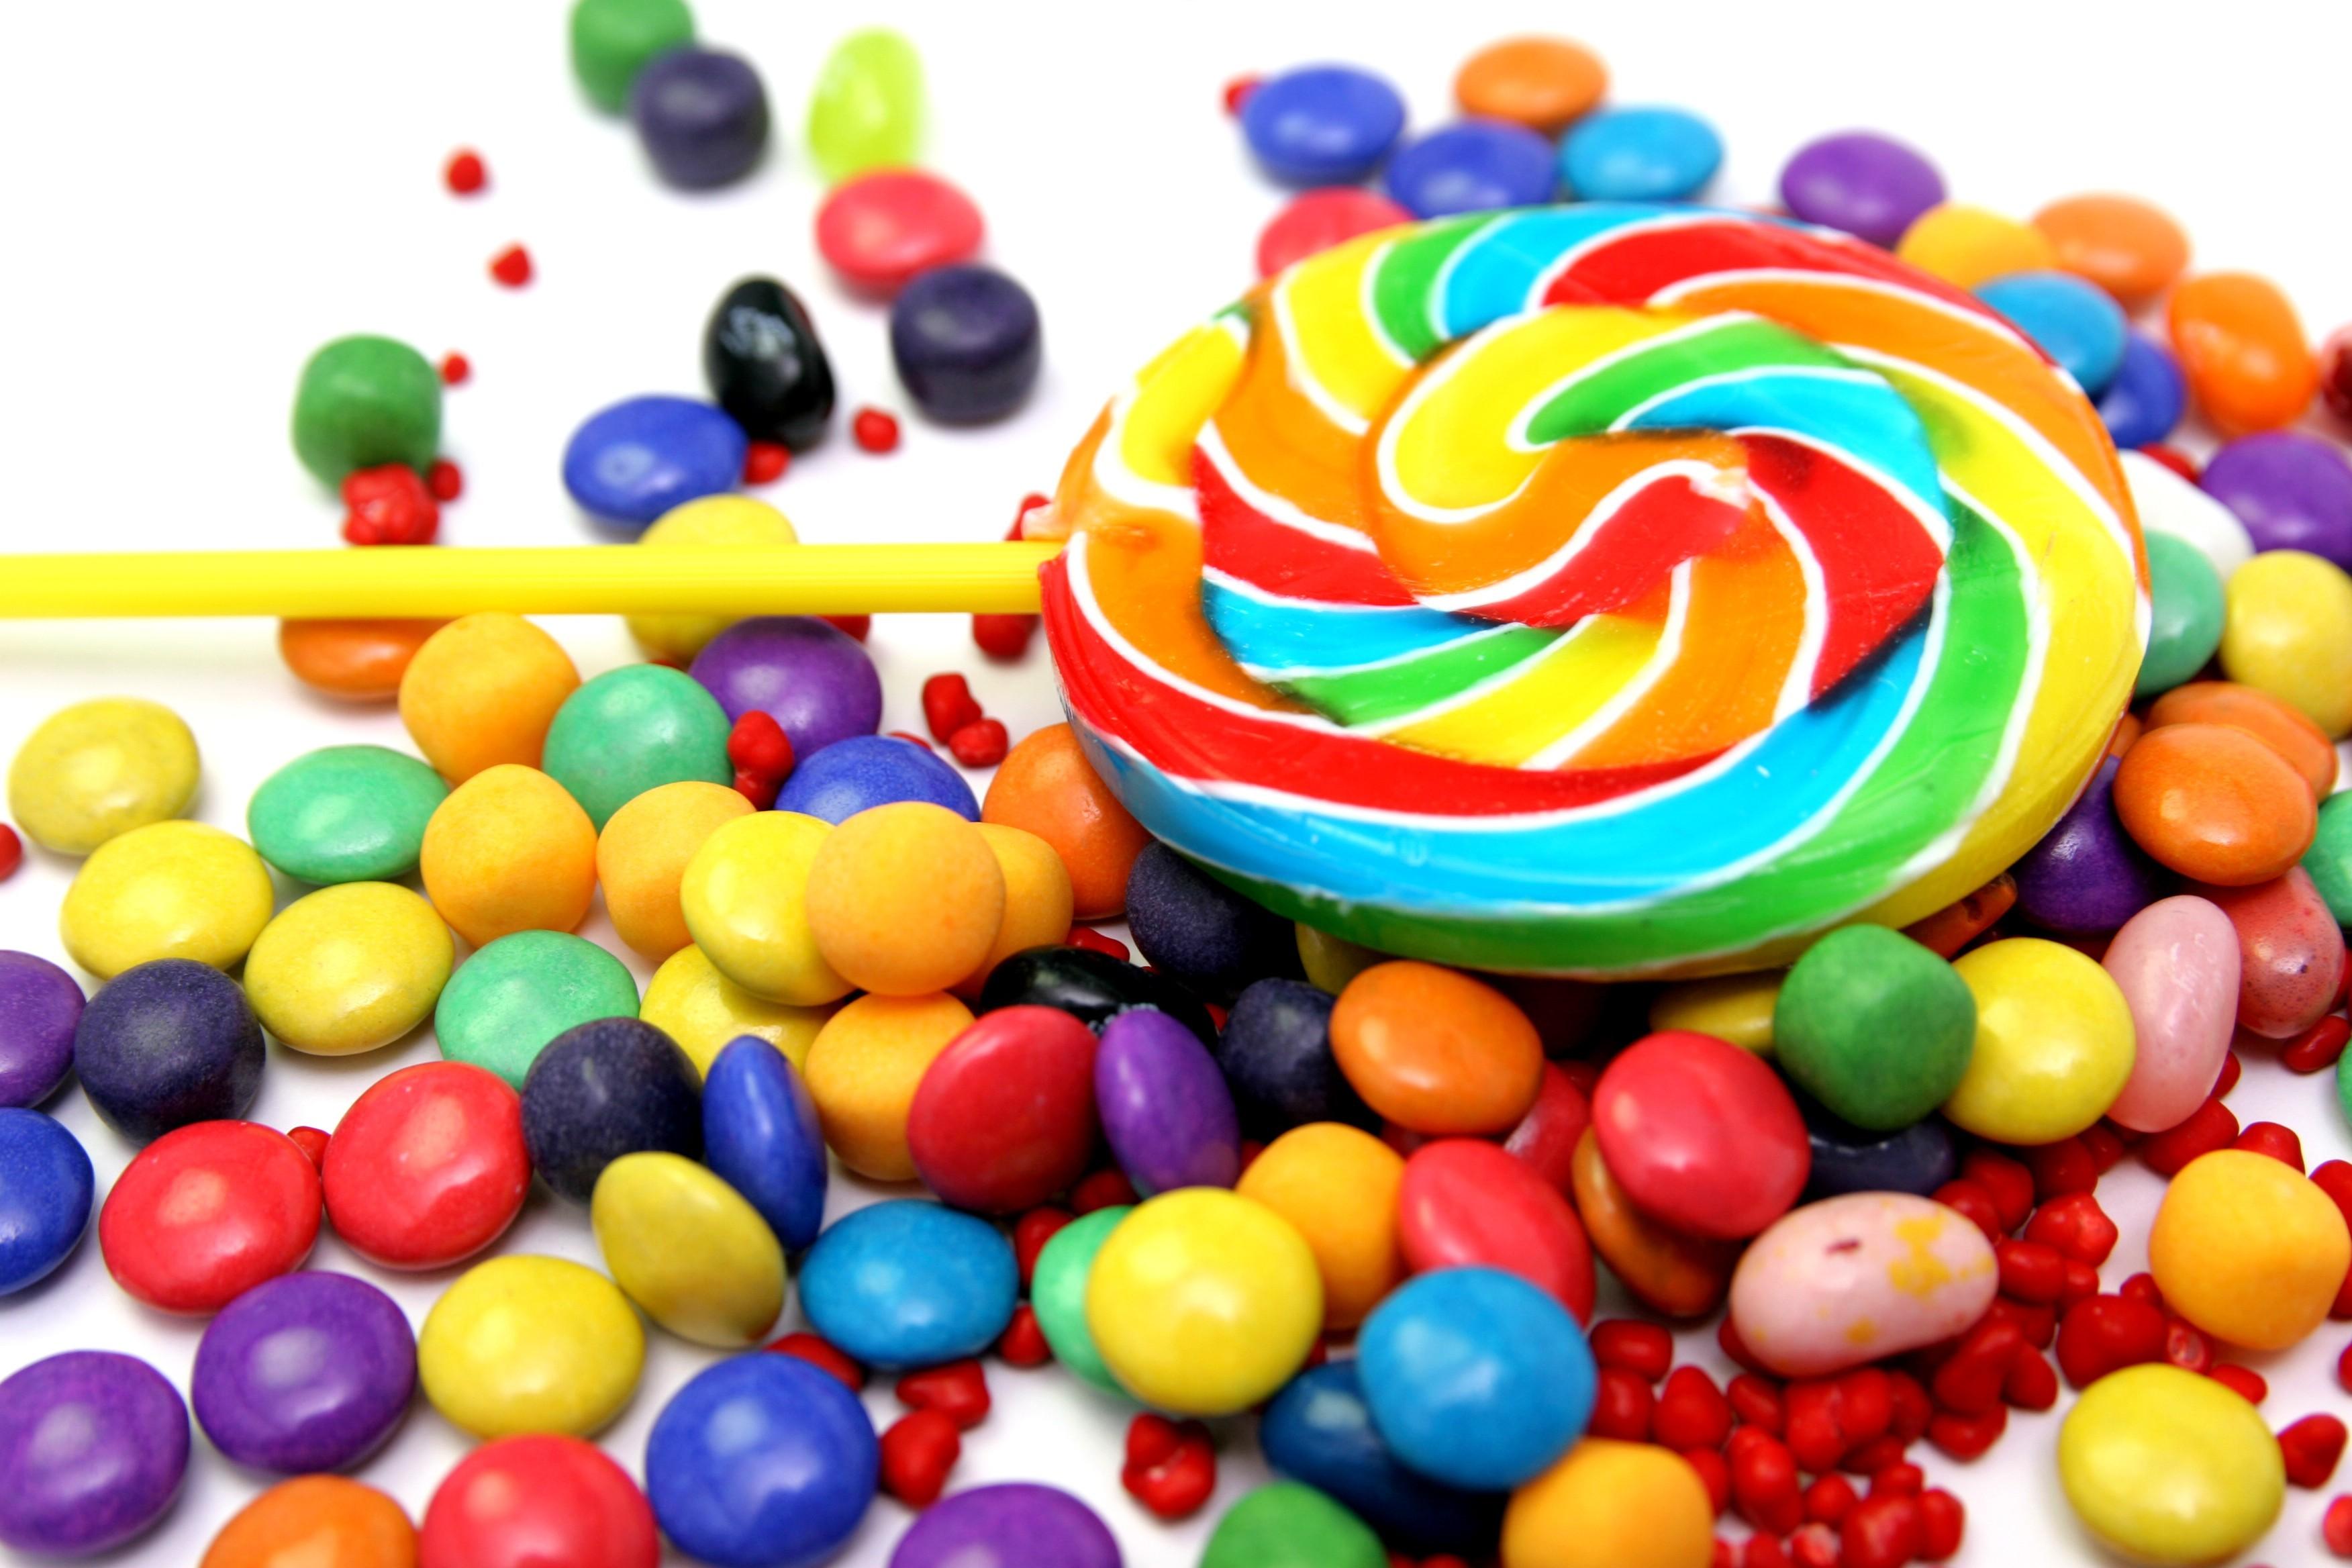 دراسة تكشف سبب زيادة البعض في الإقبال على الأطعمة السكرية